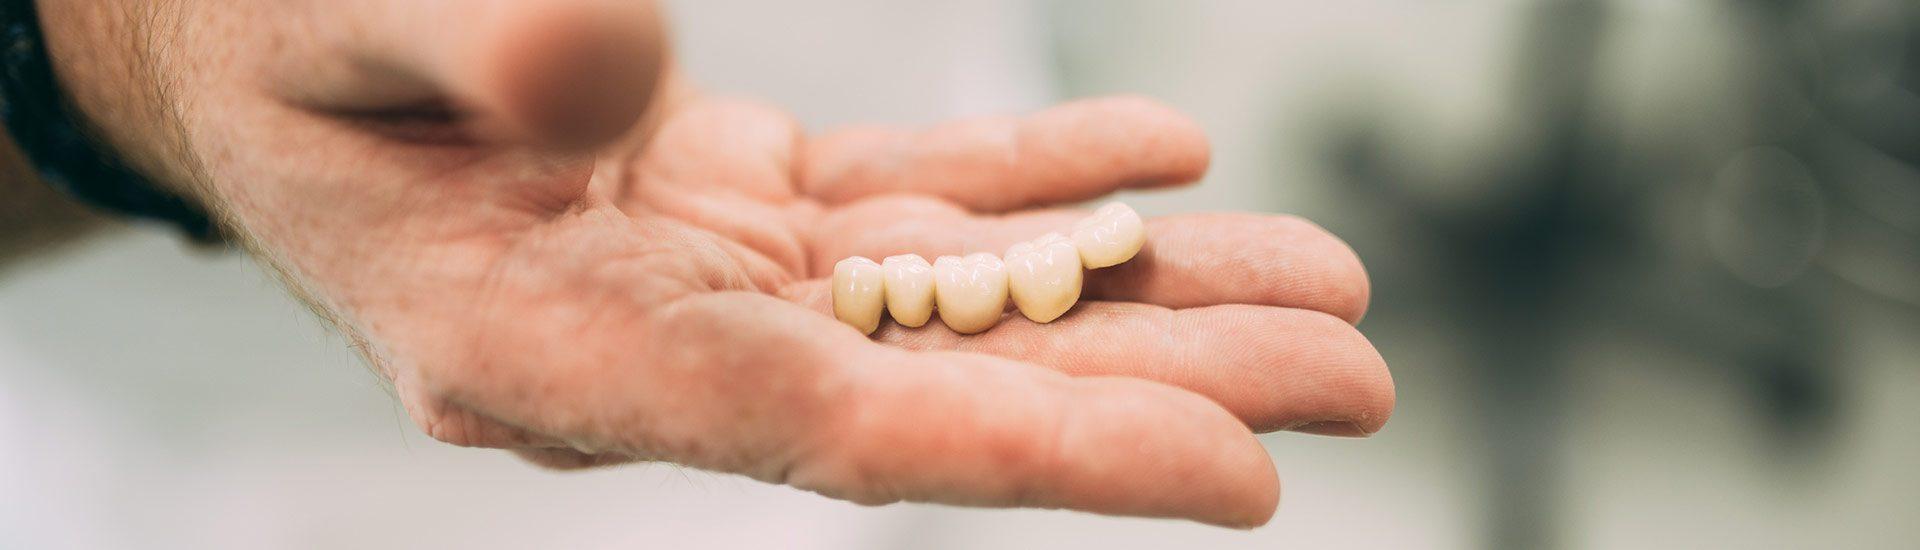 Detailaufnahme einer Hand mit hochwertigem Zahnersatz präsentiert eine optisch ansprechende Zahnbrücke aus der Zahnarztpraxis Dr. Pfitzer Stuttgart-Heumaden